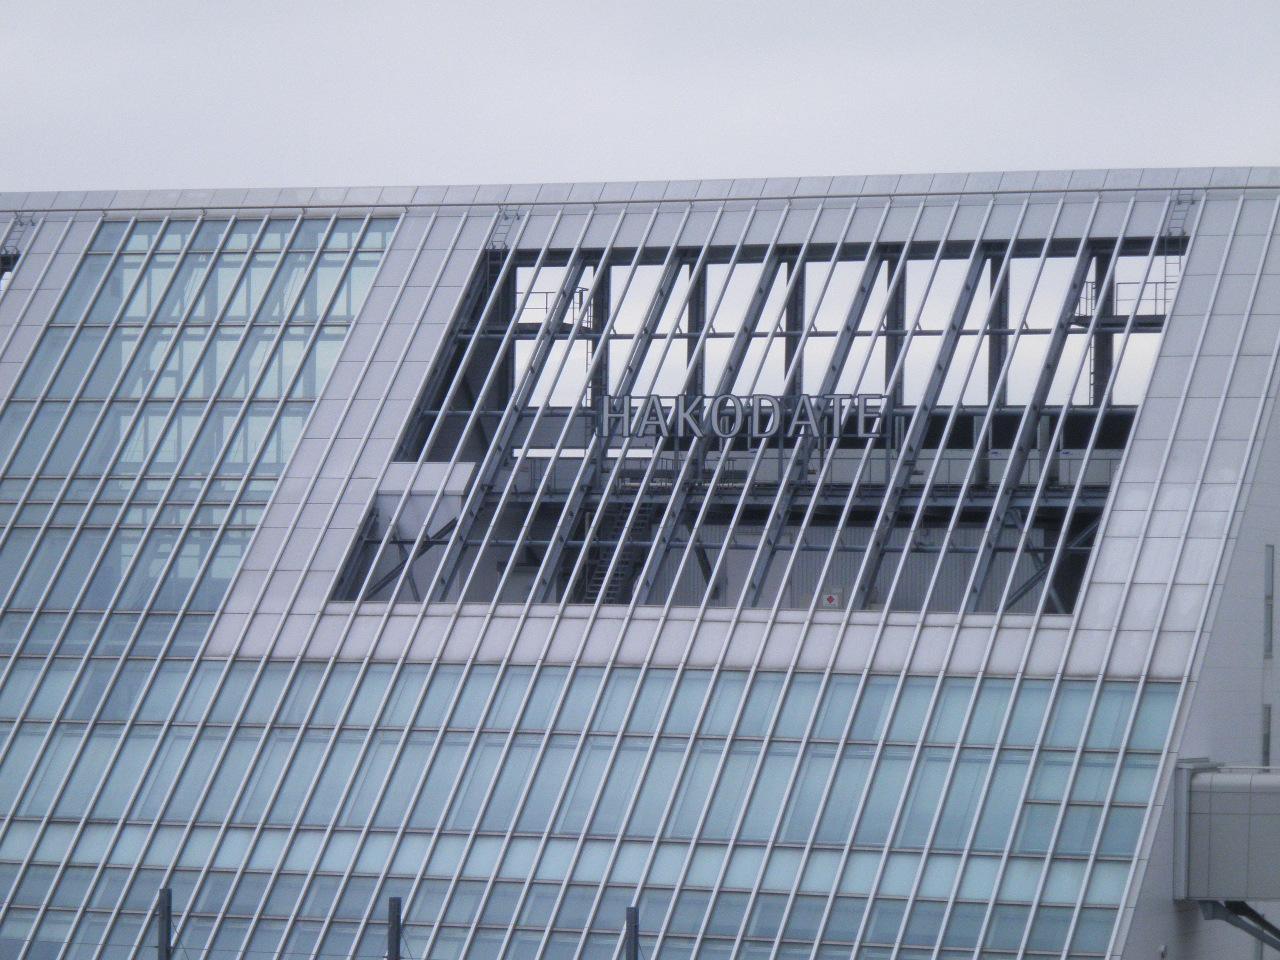 函館着岸④P6084750.JPG